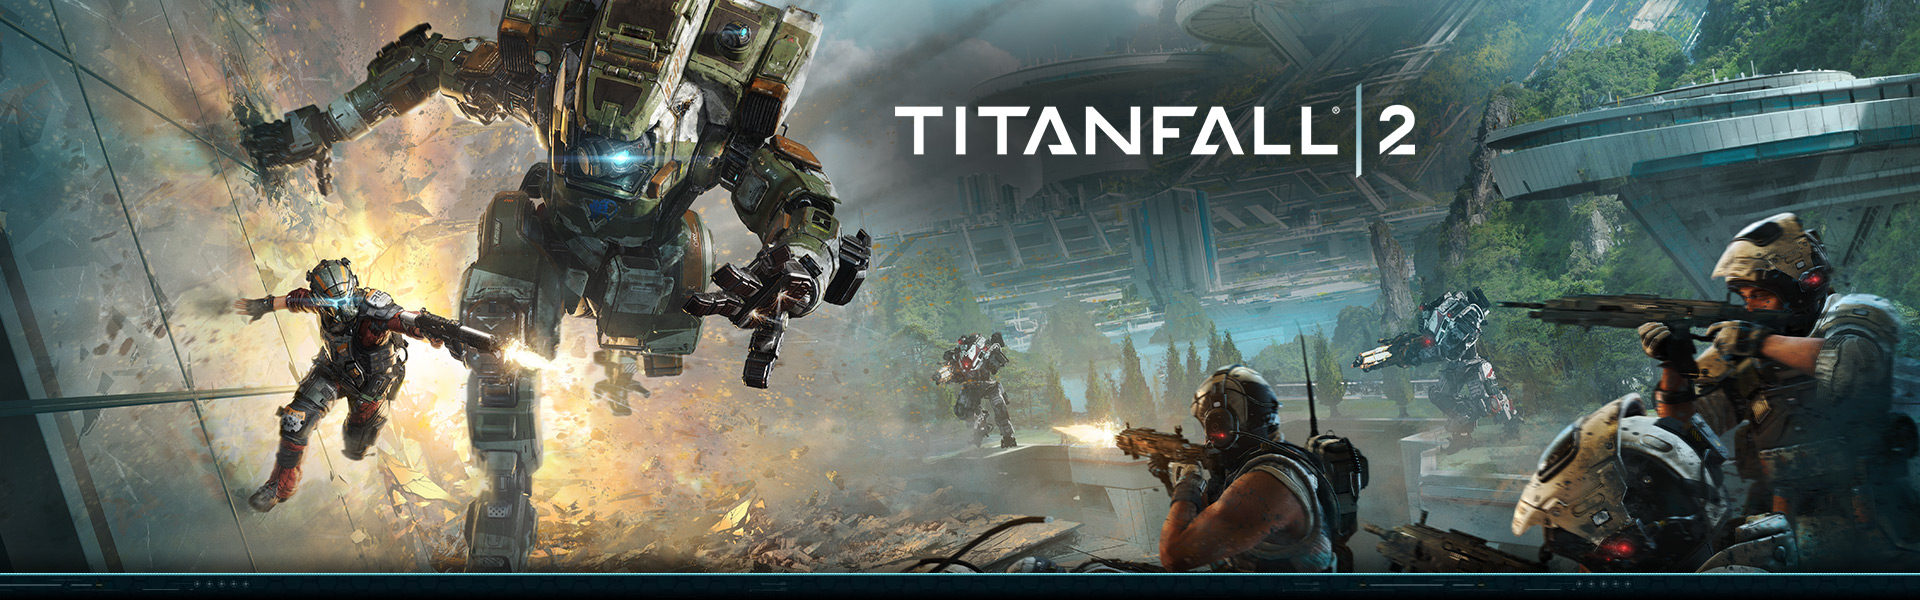 Titanfall 2 - Strijd tussen soldaten